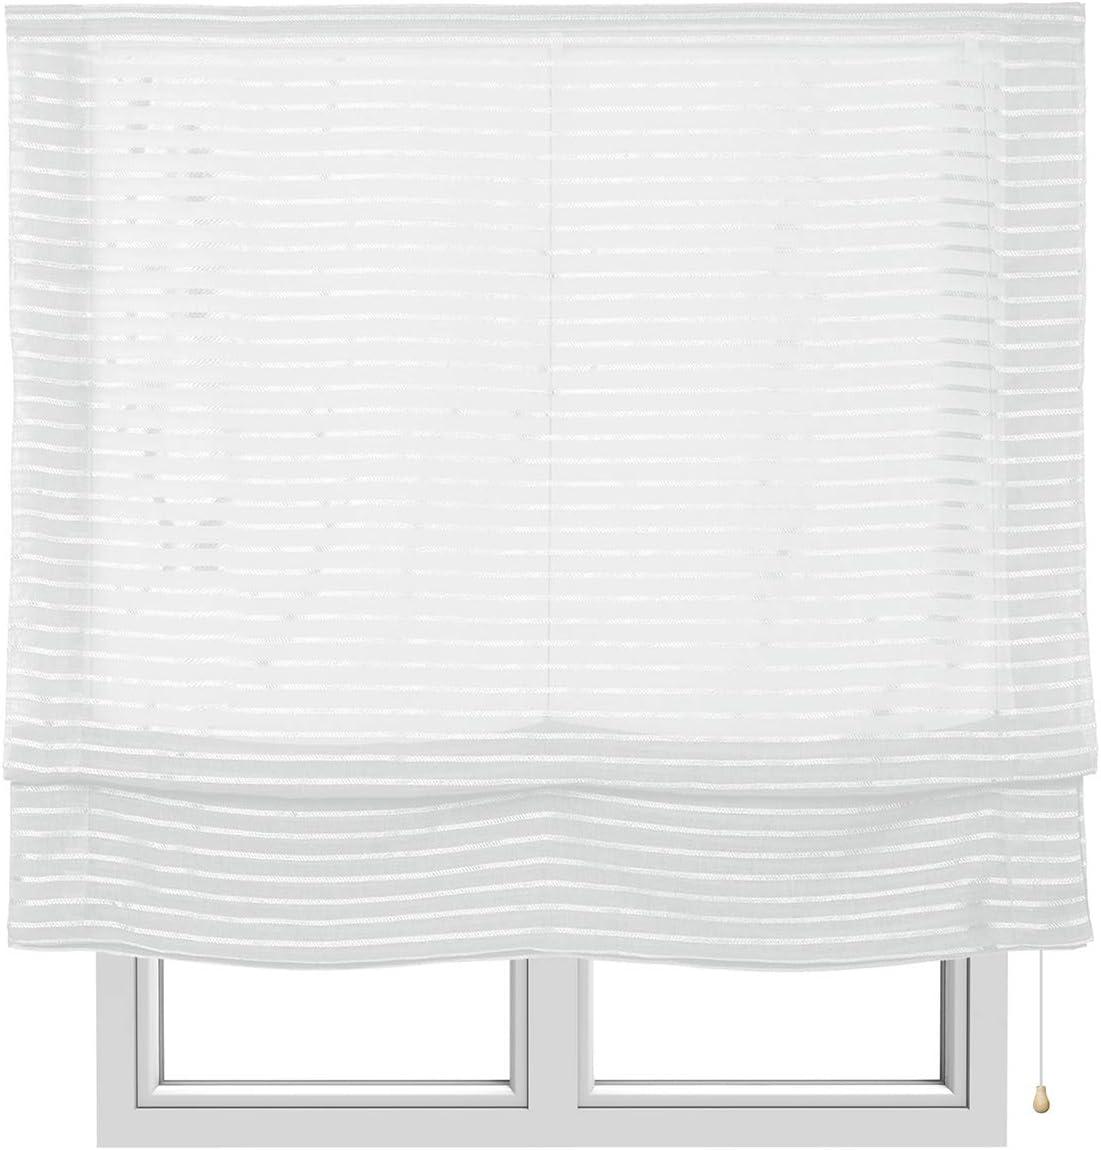 STORESDECO Estor Plegable sin Varillas, Estor paqueto translúcido para Ventanas y Puertas (120 cm x 250 cm, Blanco)